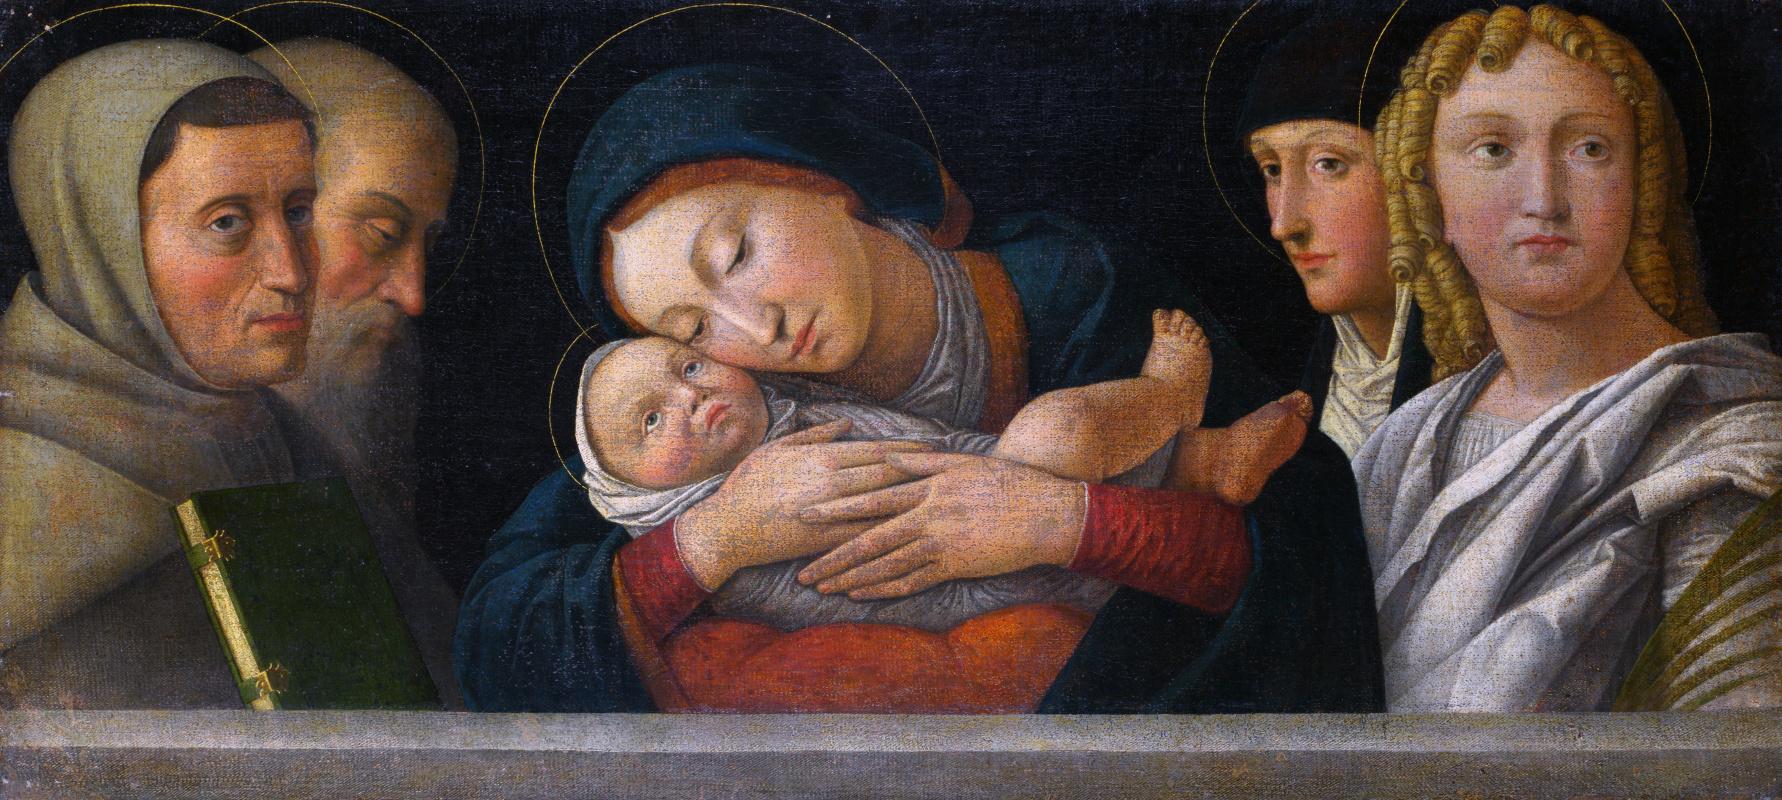 Бонсигнори Франческо. Дева с младенцем и четырьмя святыми